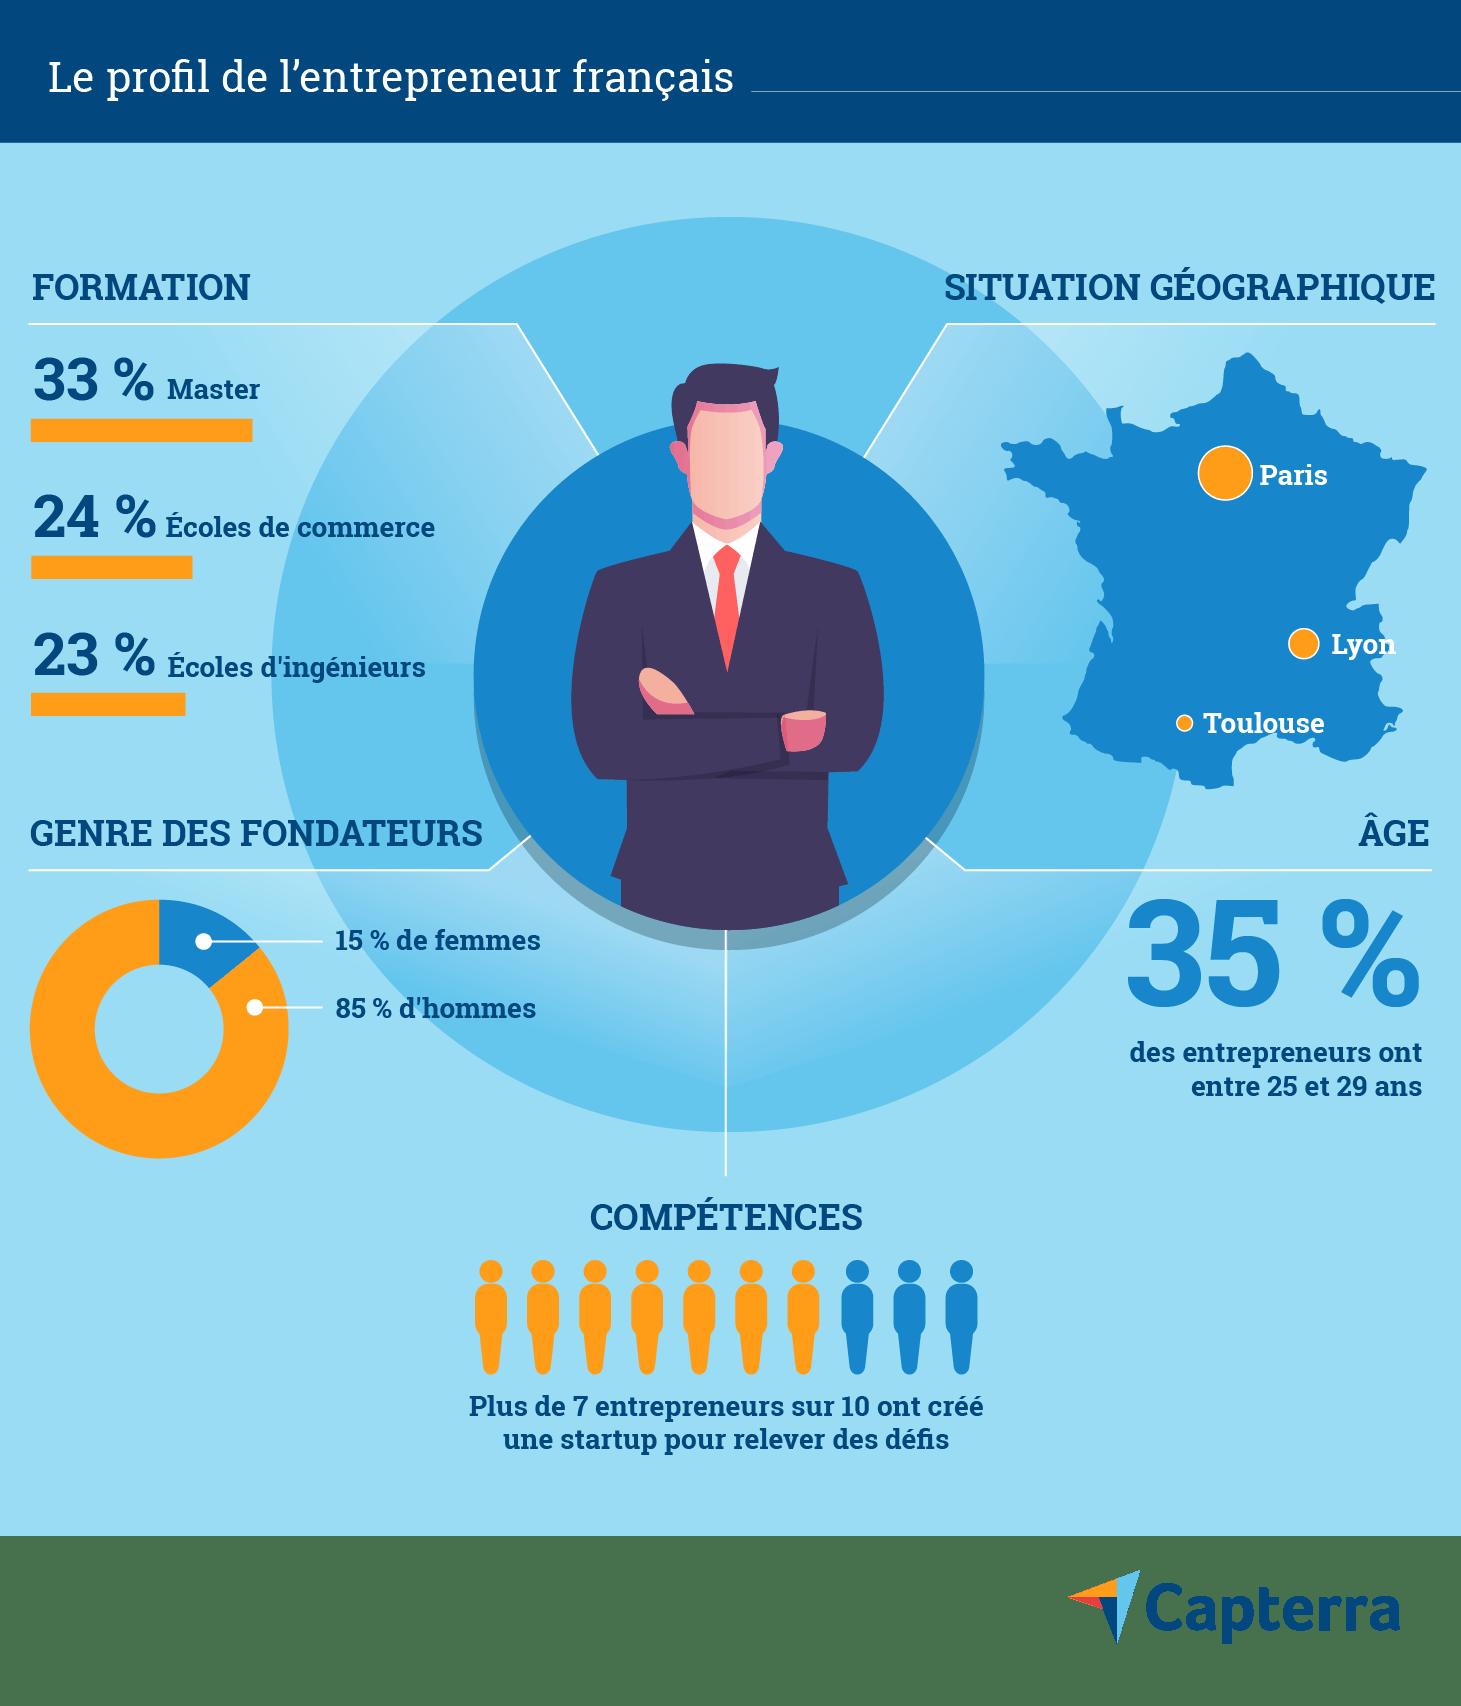 Le profil de l'entrepeneur français